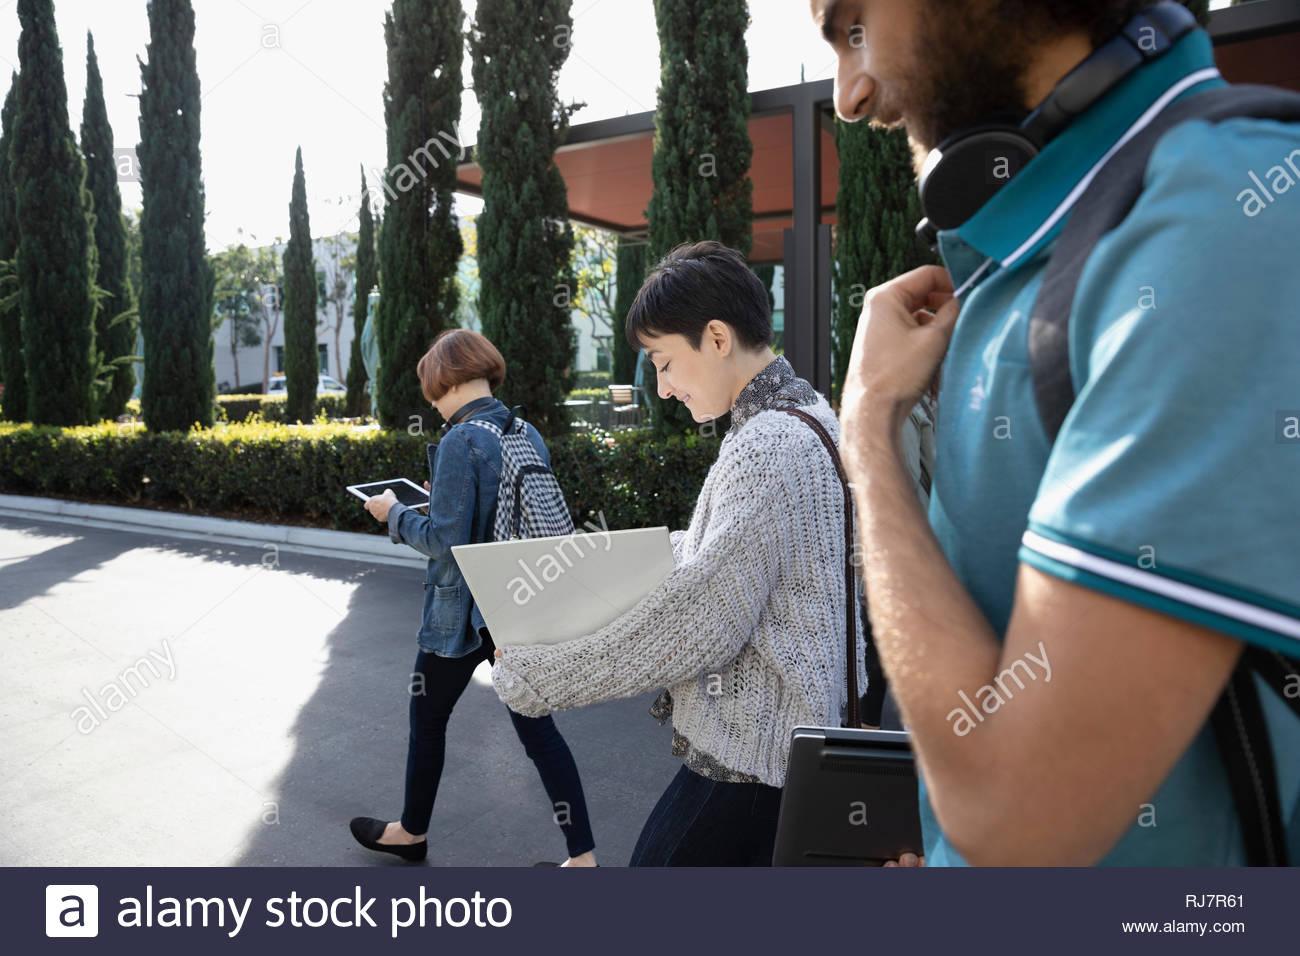 Les gens d'affaires parking en marche Photo Stock